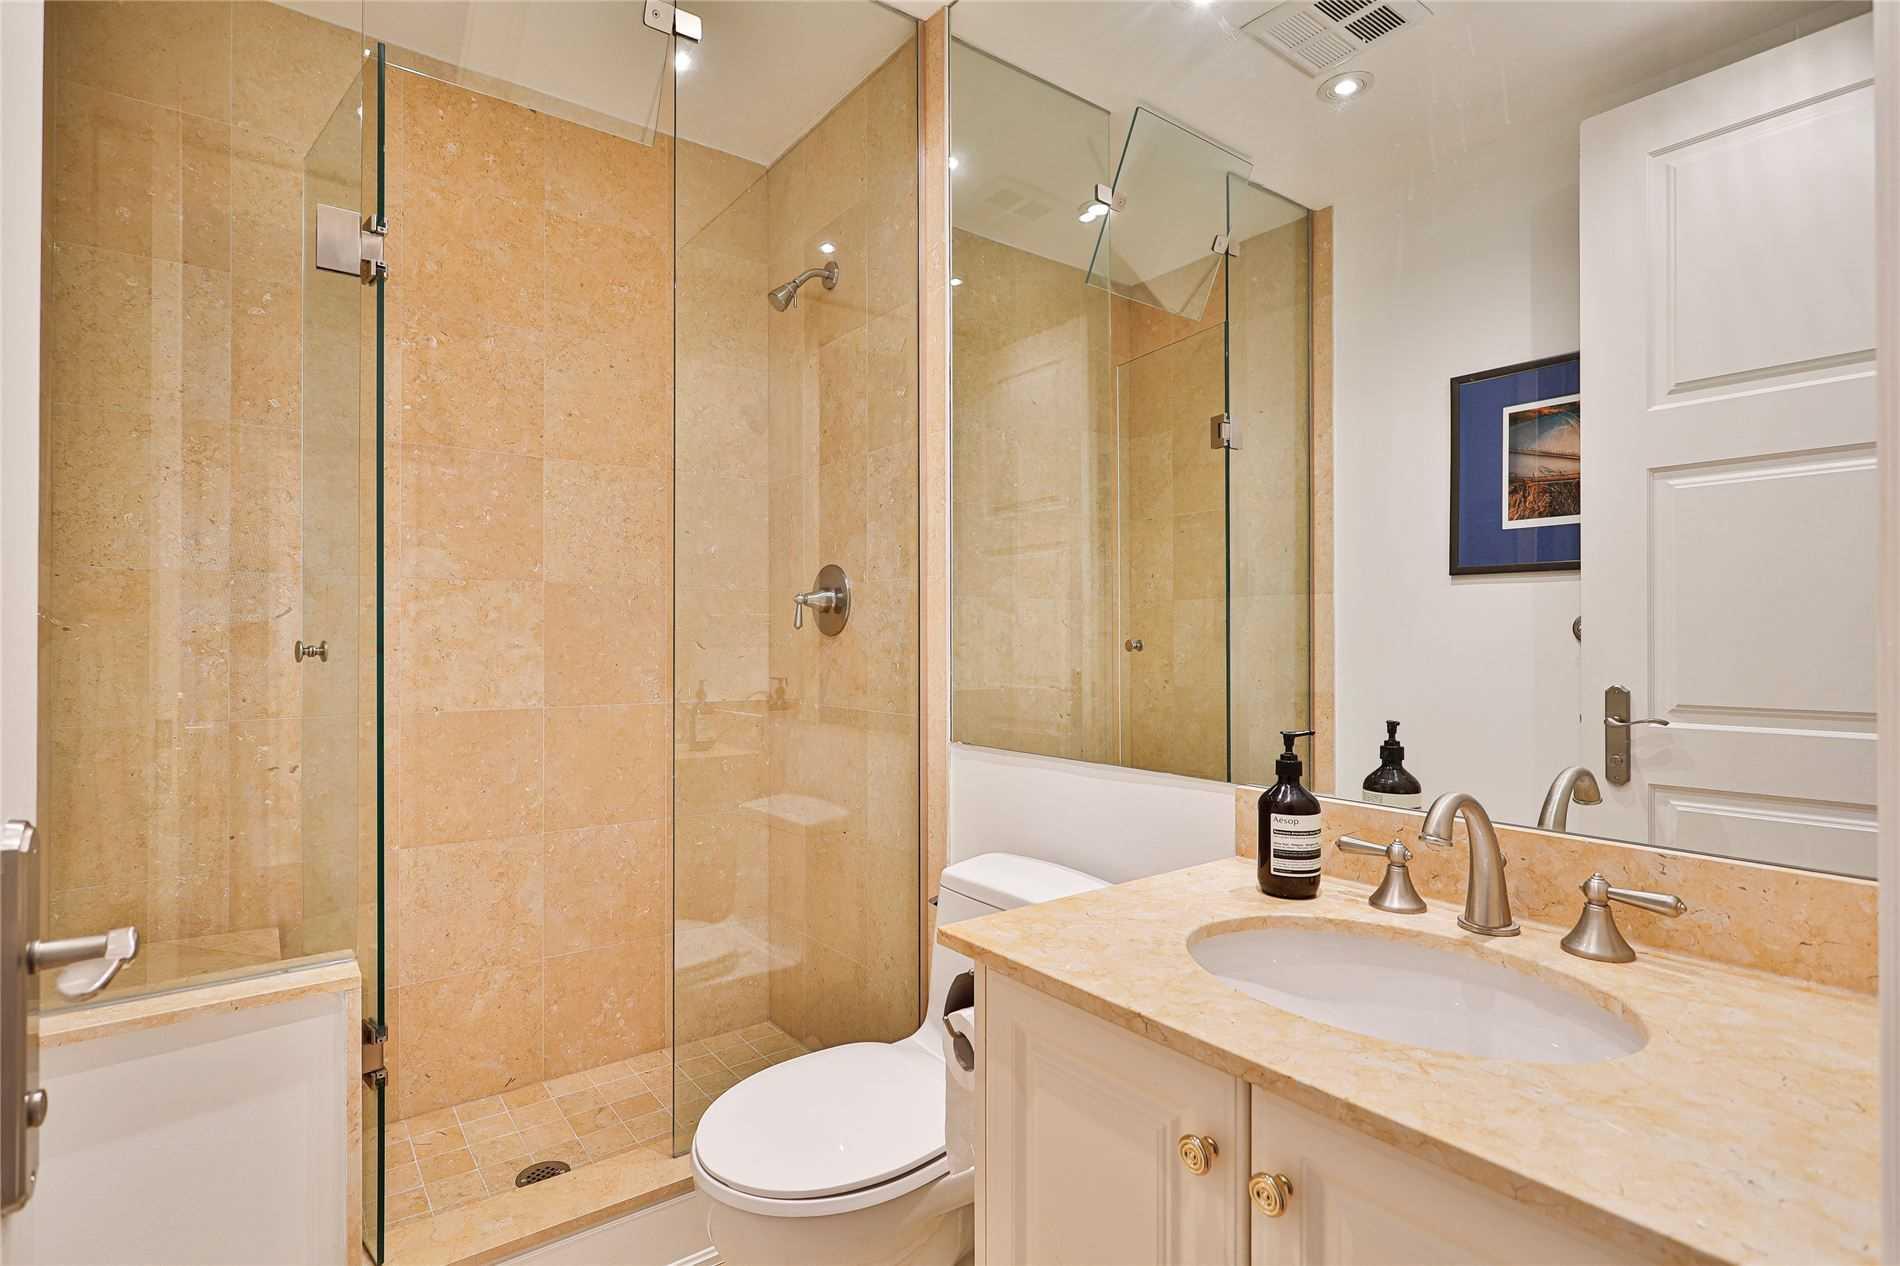 317 - 2095 Lake Shore Blvd W - Mimico Condo Apt for sale, 2 Bedrooms (W5369727) - #29